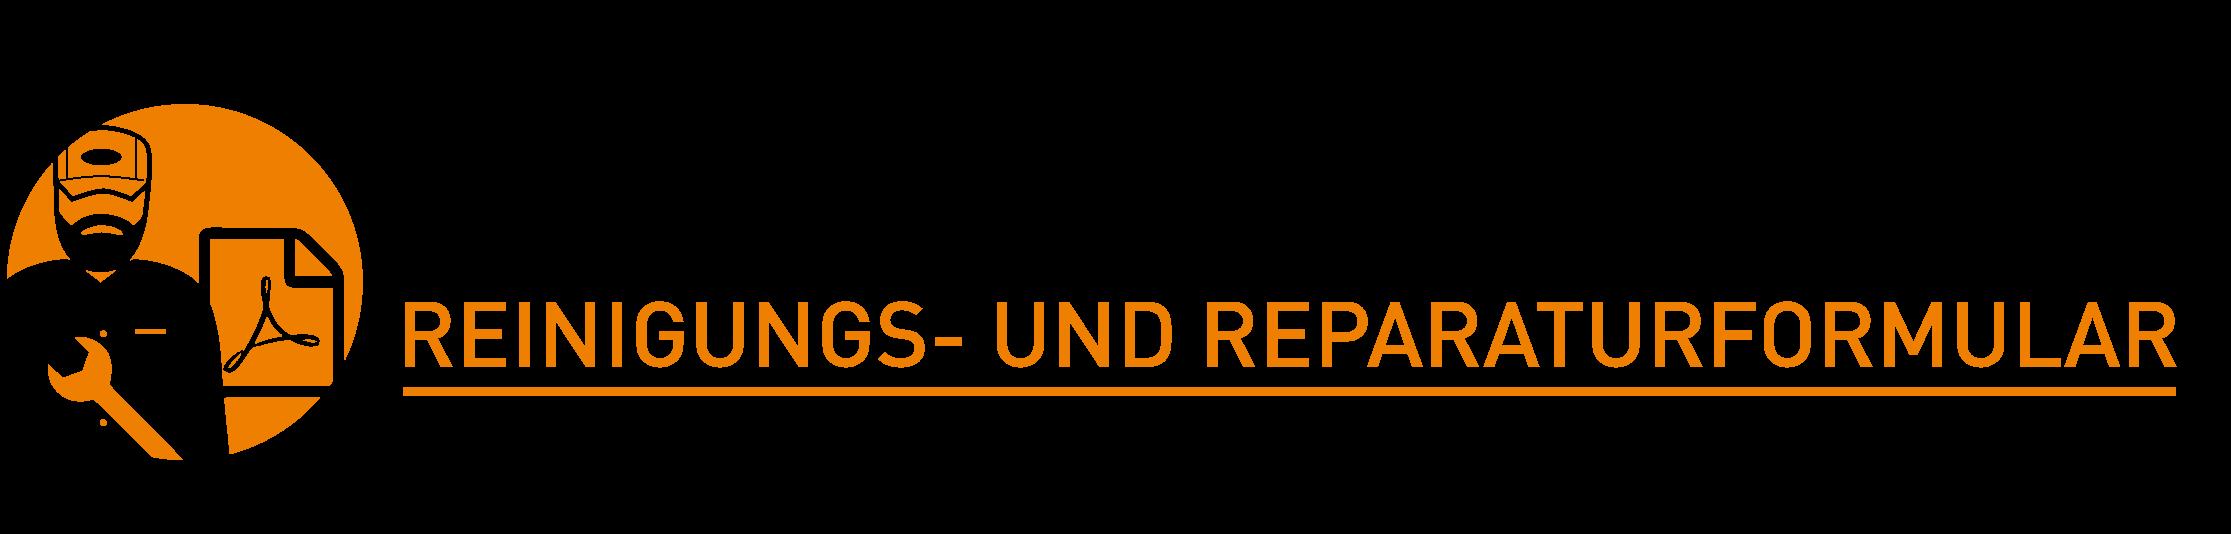 Reparaturformular